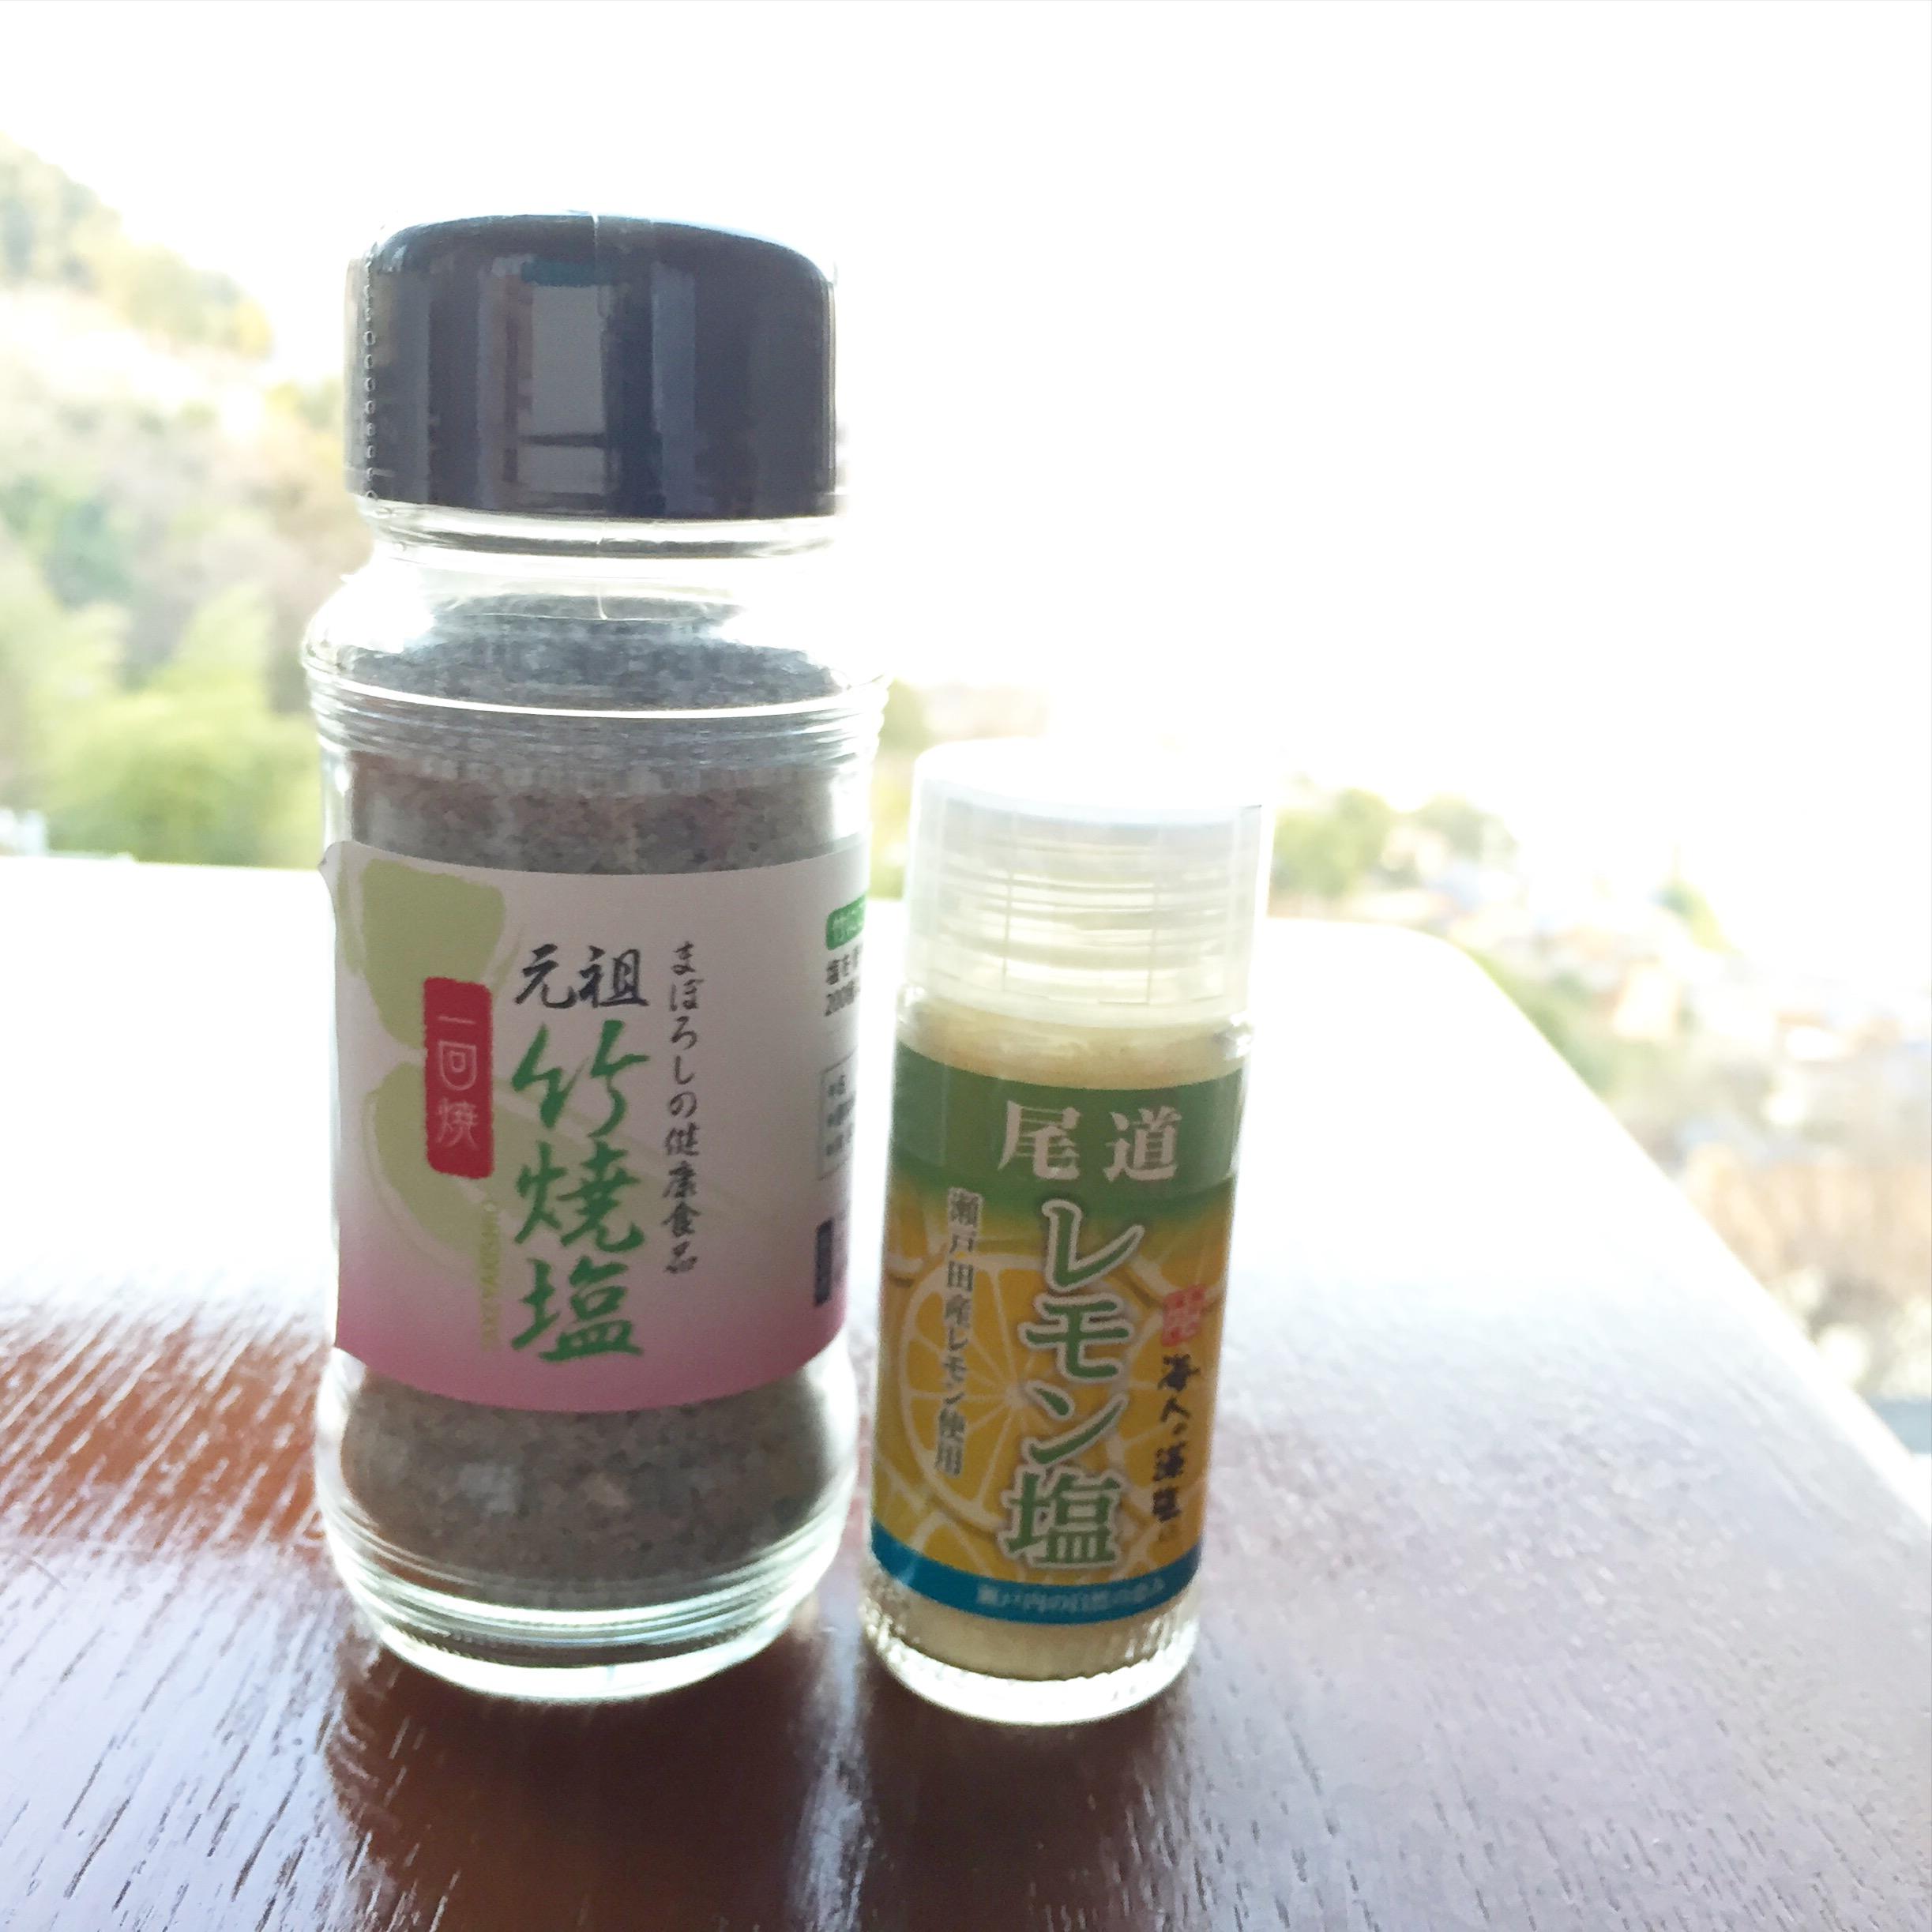 レモン塩と竹焼塩 デコ巻き